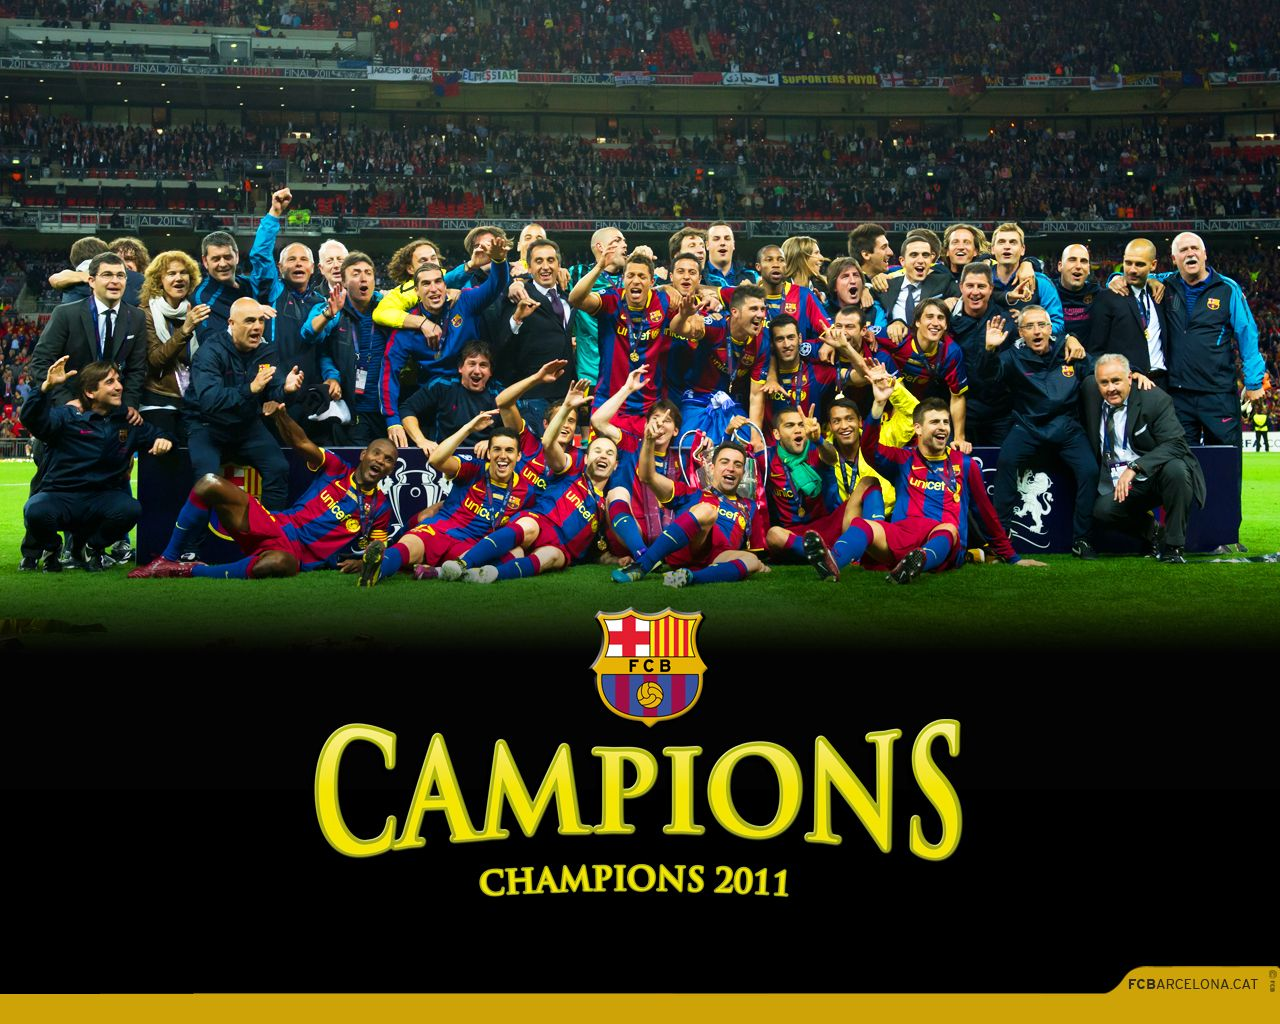 http://3.bp.blogspot.com/-QRrq3vQ-W6w/TuBtQpXmK3I/AAAAAAAAD2I/hYEAlcCcKXo/s1600/fc-barcelona-champions-league-winner--wallpaper-.jpg